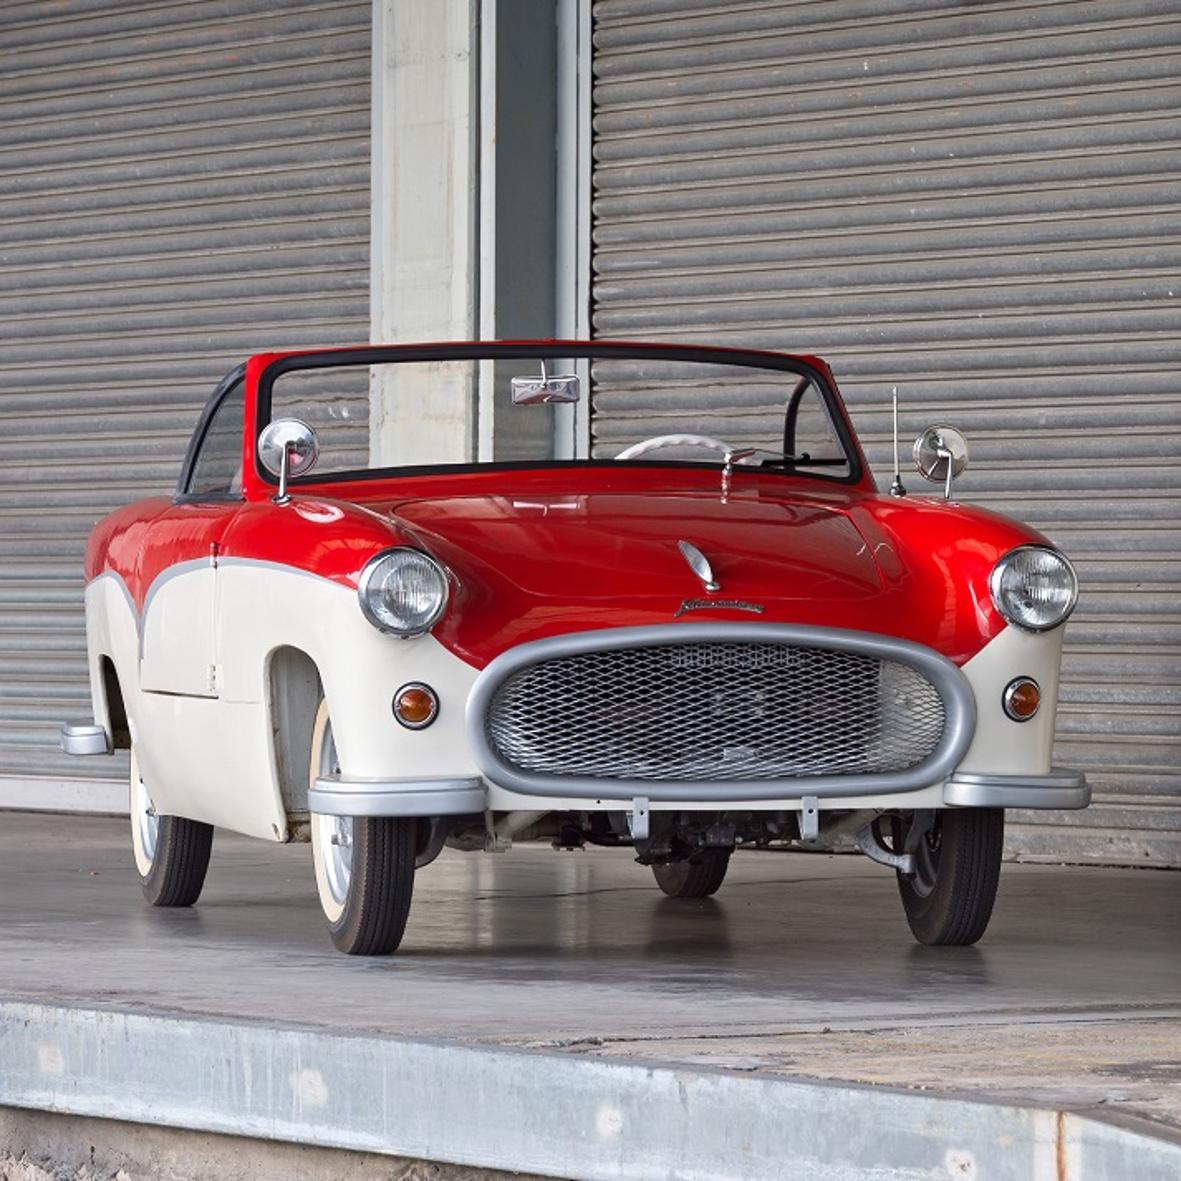 """mid Groß-Gerau - Eines der Highlights der """"Störy-Sammlung"""", das Unikat Kleinschnittger Spezial von 1954, ist künftig im """"PS.SPEICHER Einbeck"""" neben vielen anderen Fahrzeugen aus den Wirtschaftswunder-Jahren zu bewundern."""